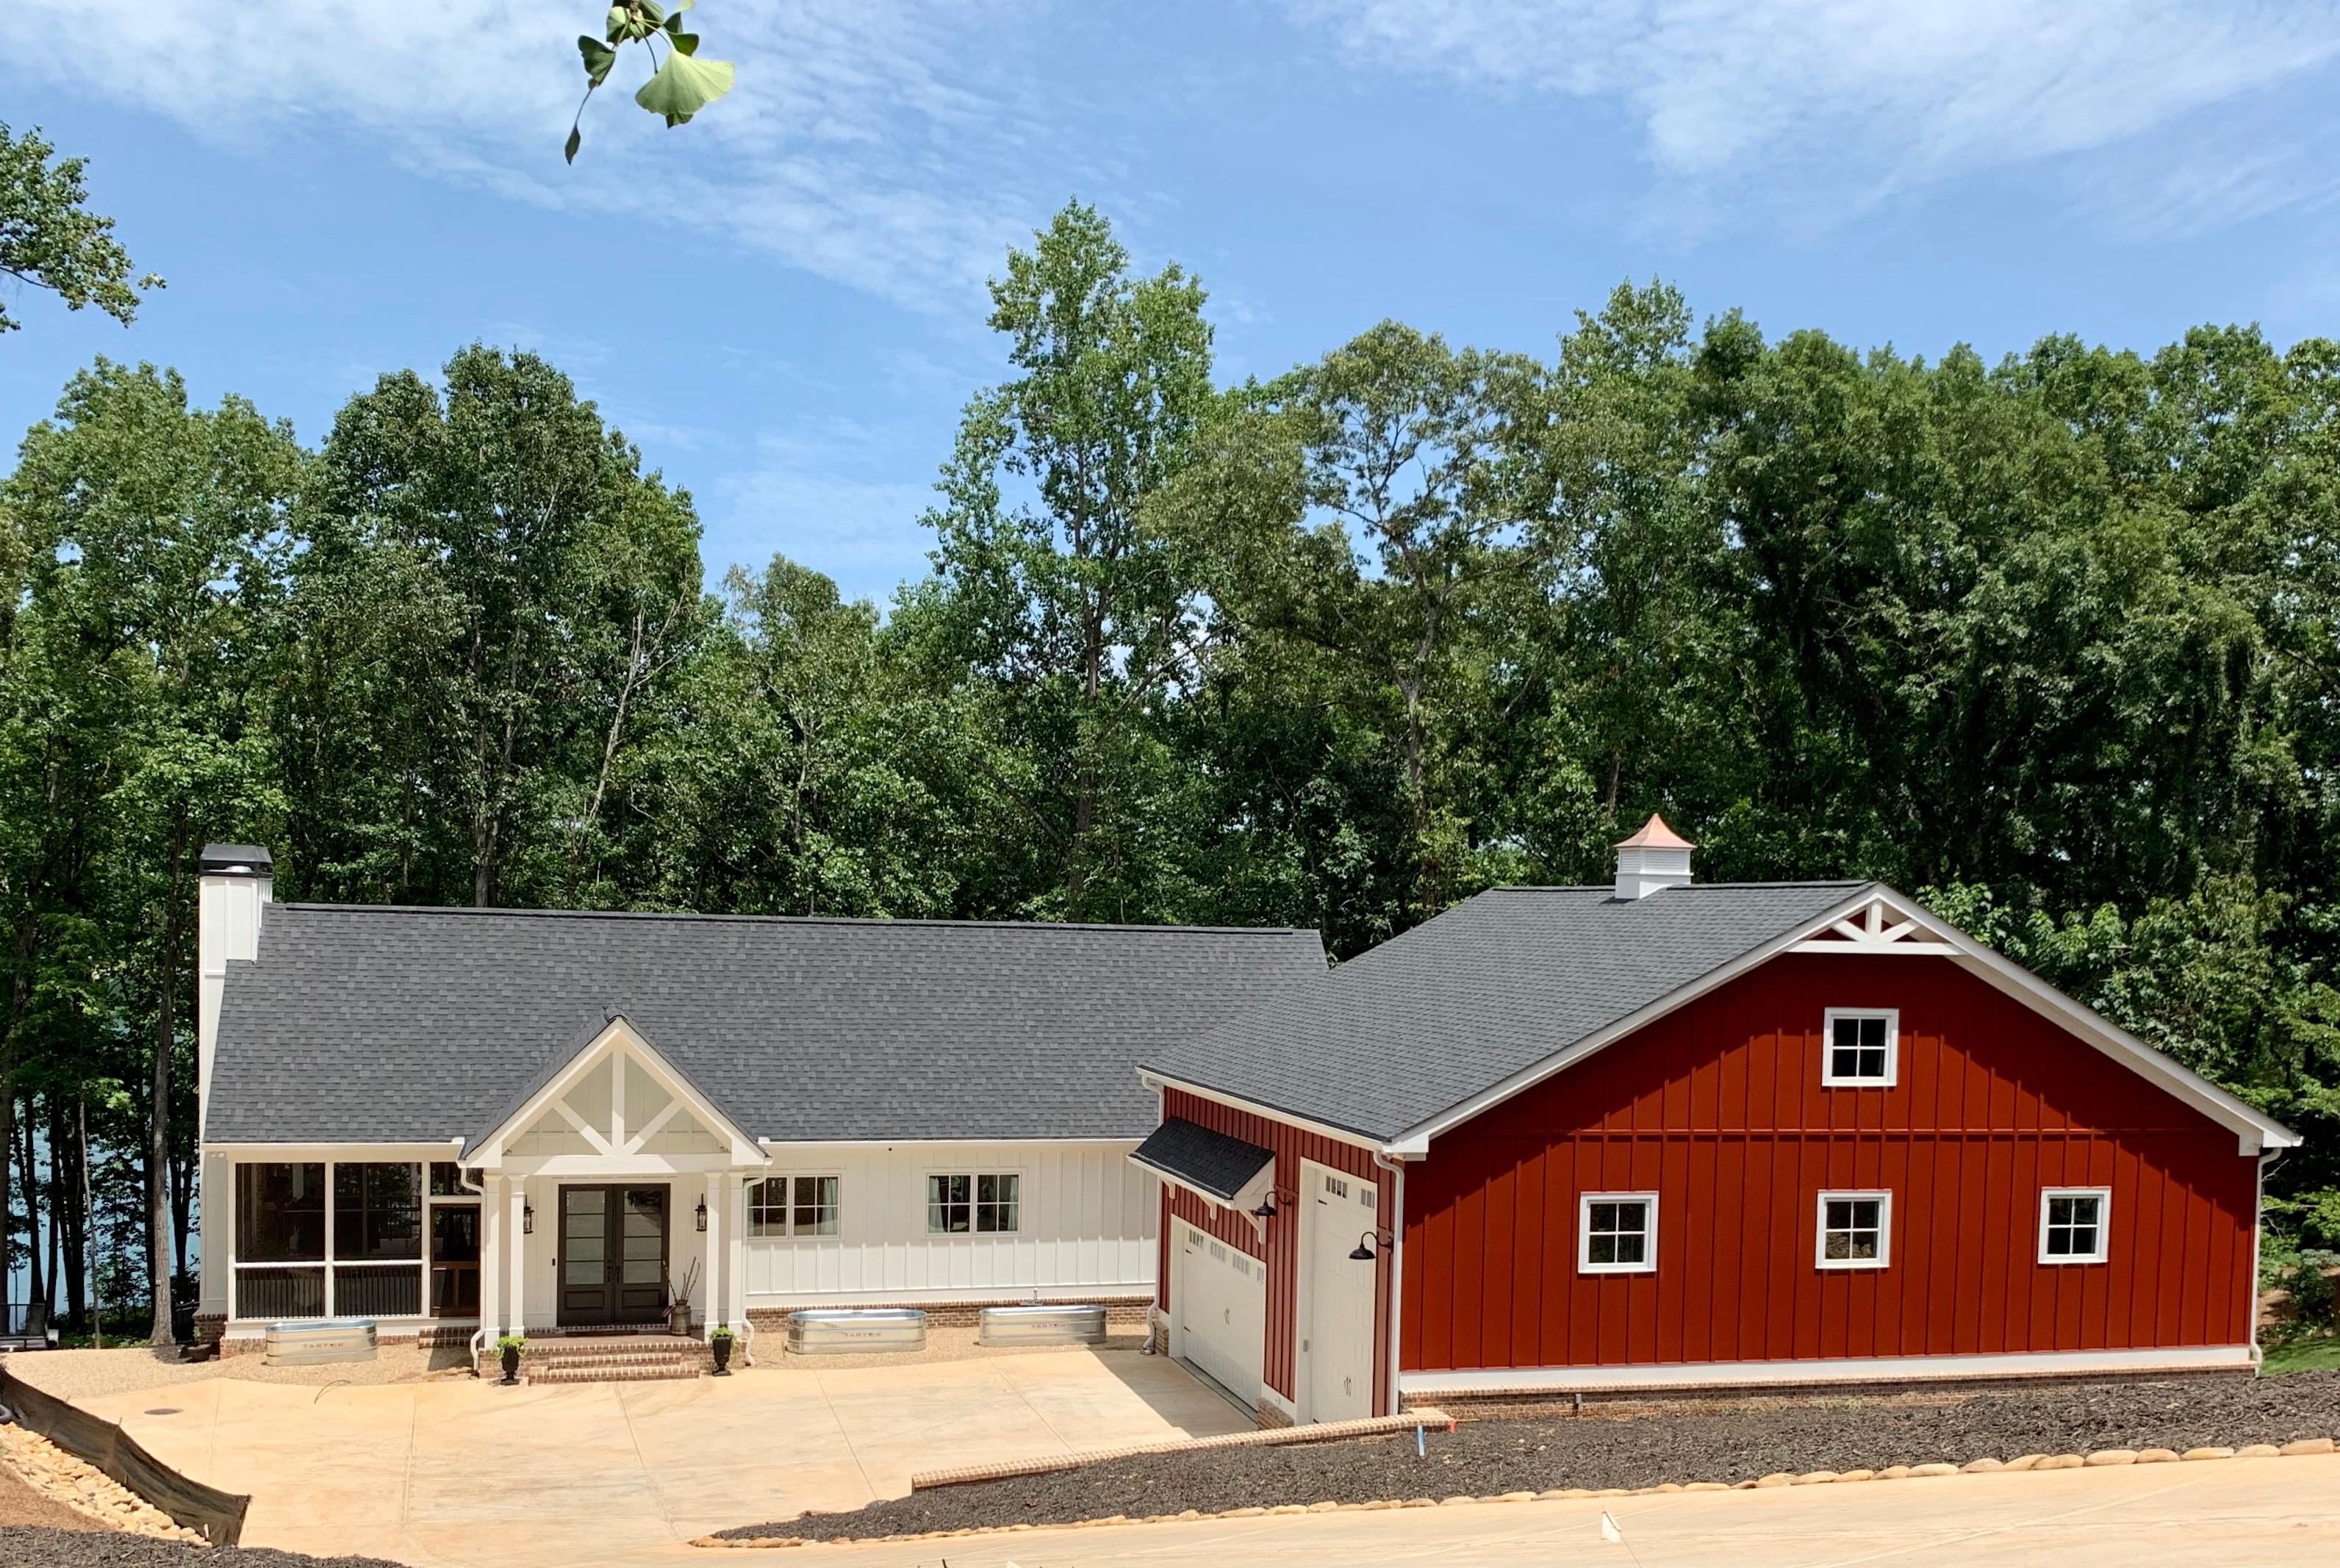 The Modern Barn House